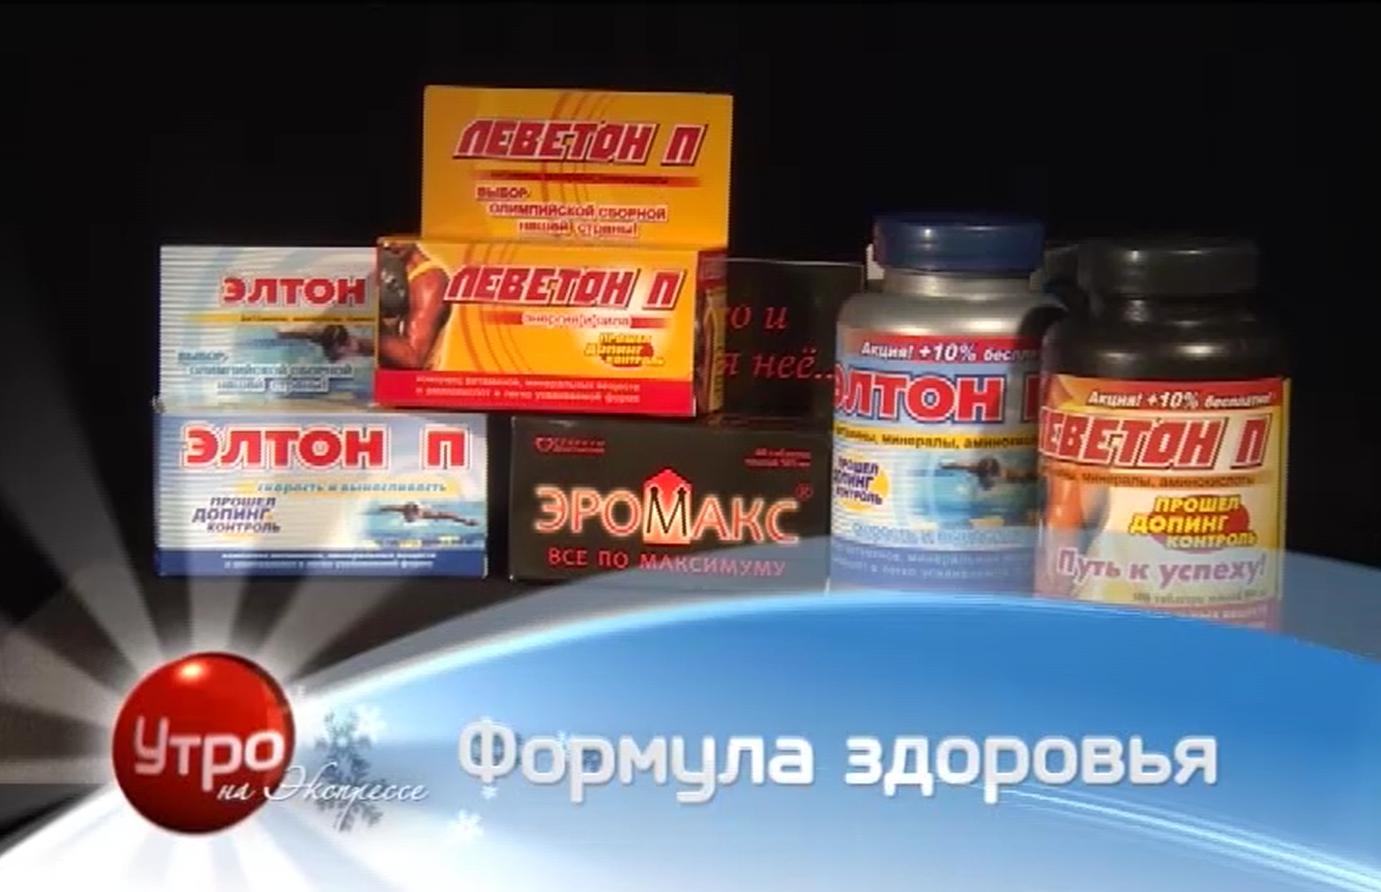 """ООО """"ПАРАФАРМ"""" выводит """"формулу здоровья"""" на телеканале """"Экспресс"""""""